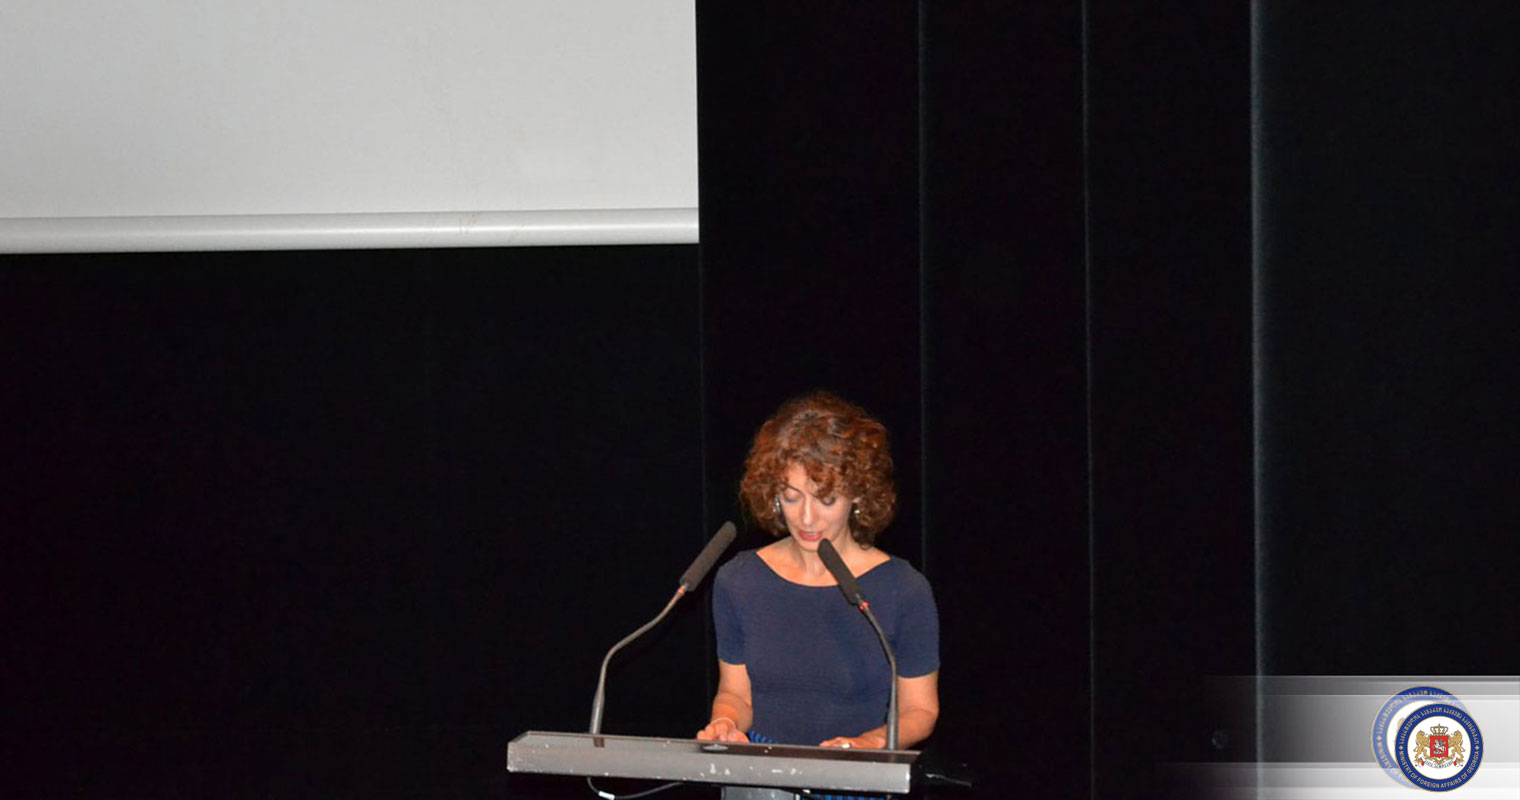 """ლუქსემბურგის კინოფესტივალზე ქართული ფილმის """"ნამე"""" ჩვენება გაიმართა"""